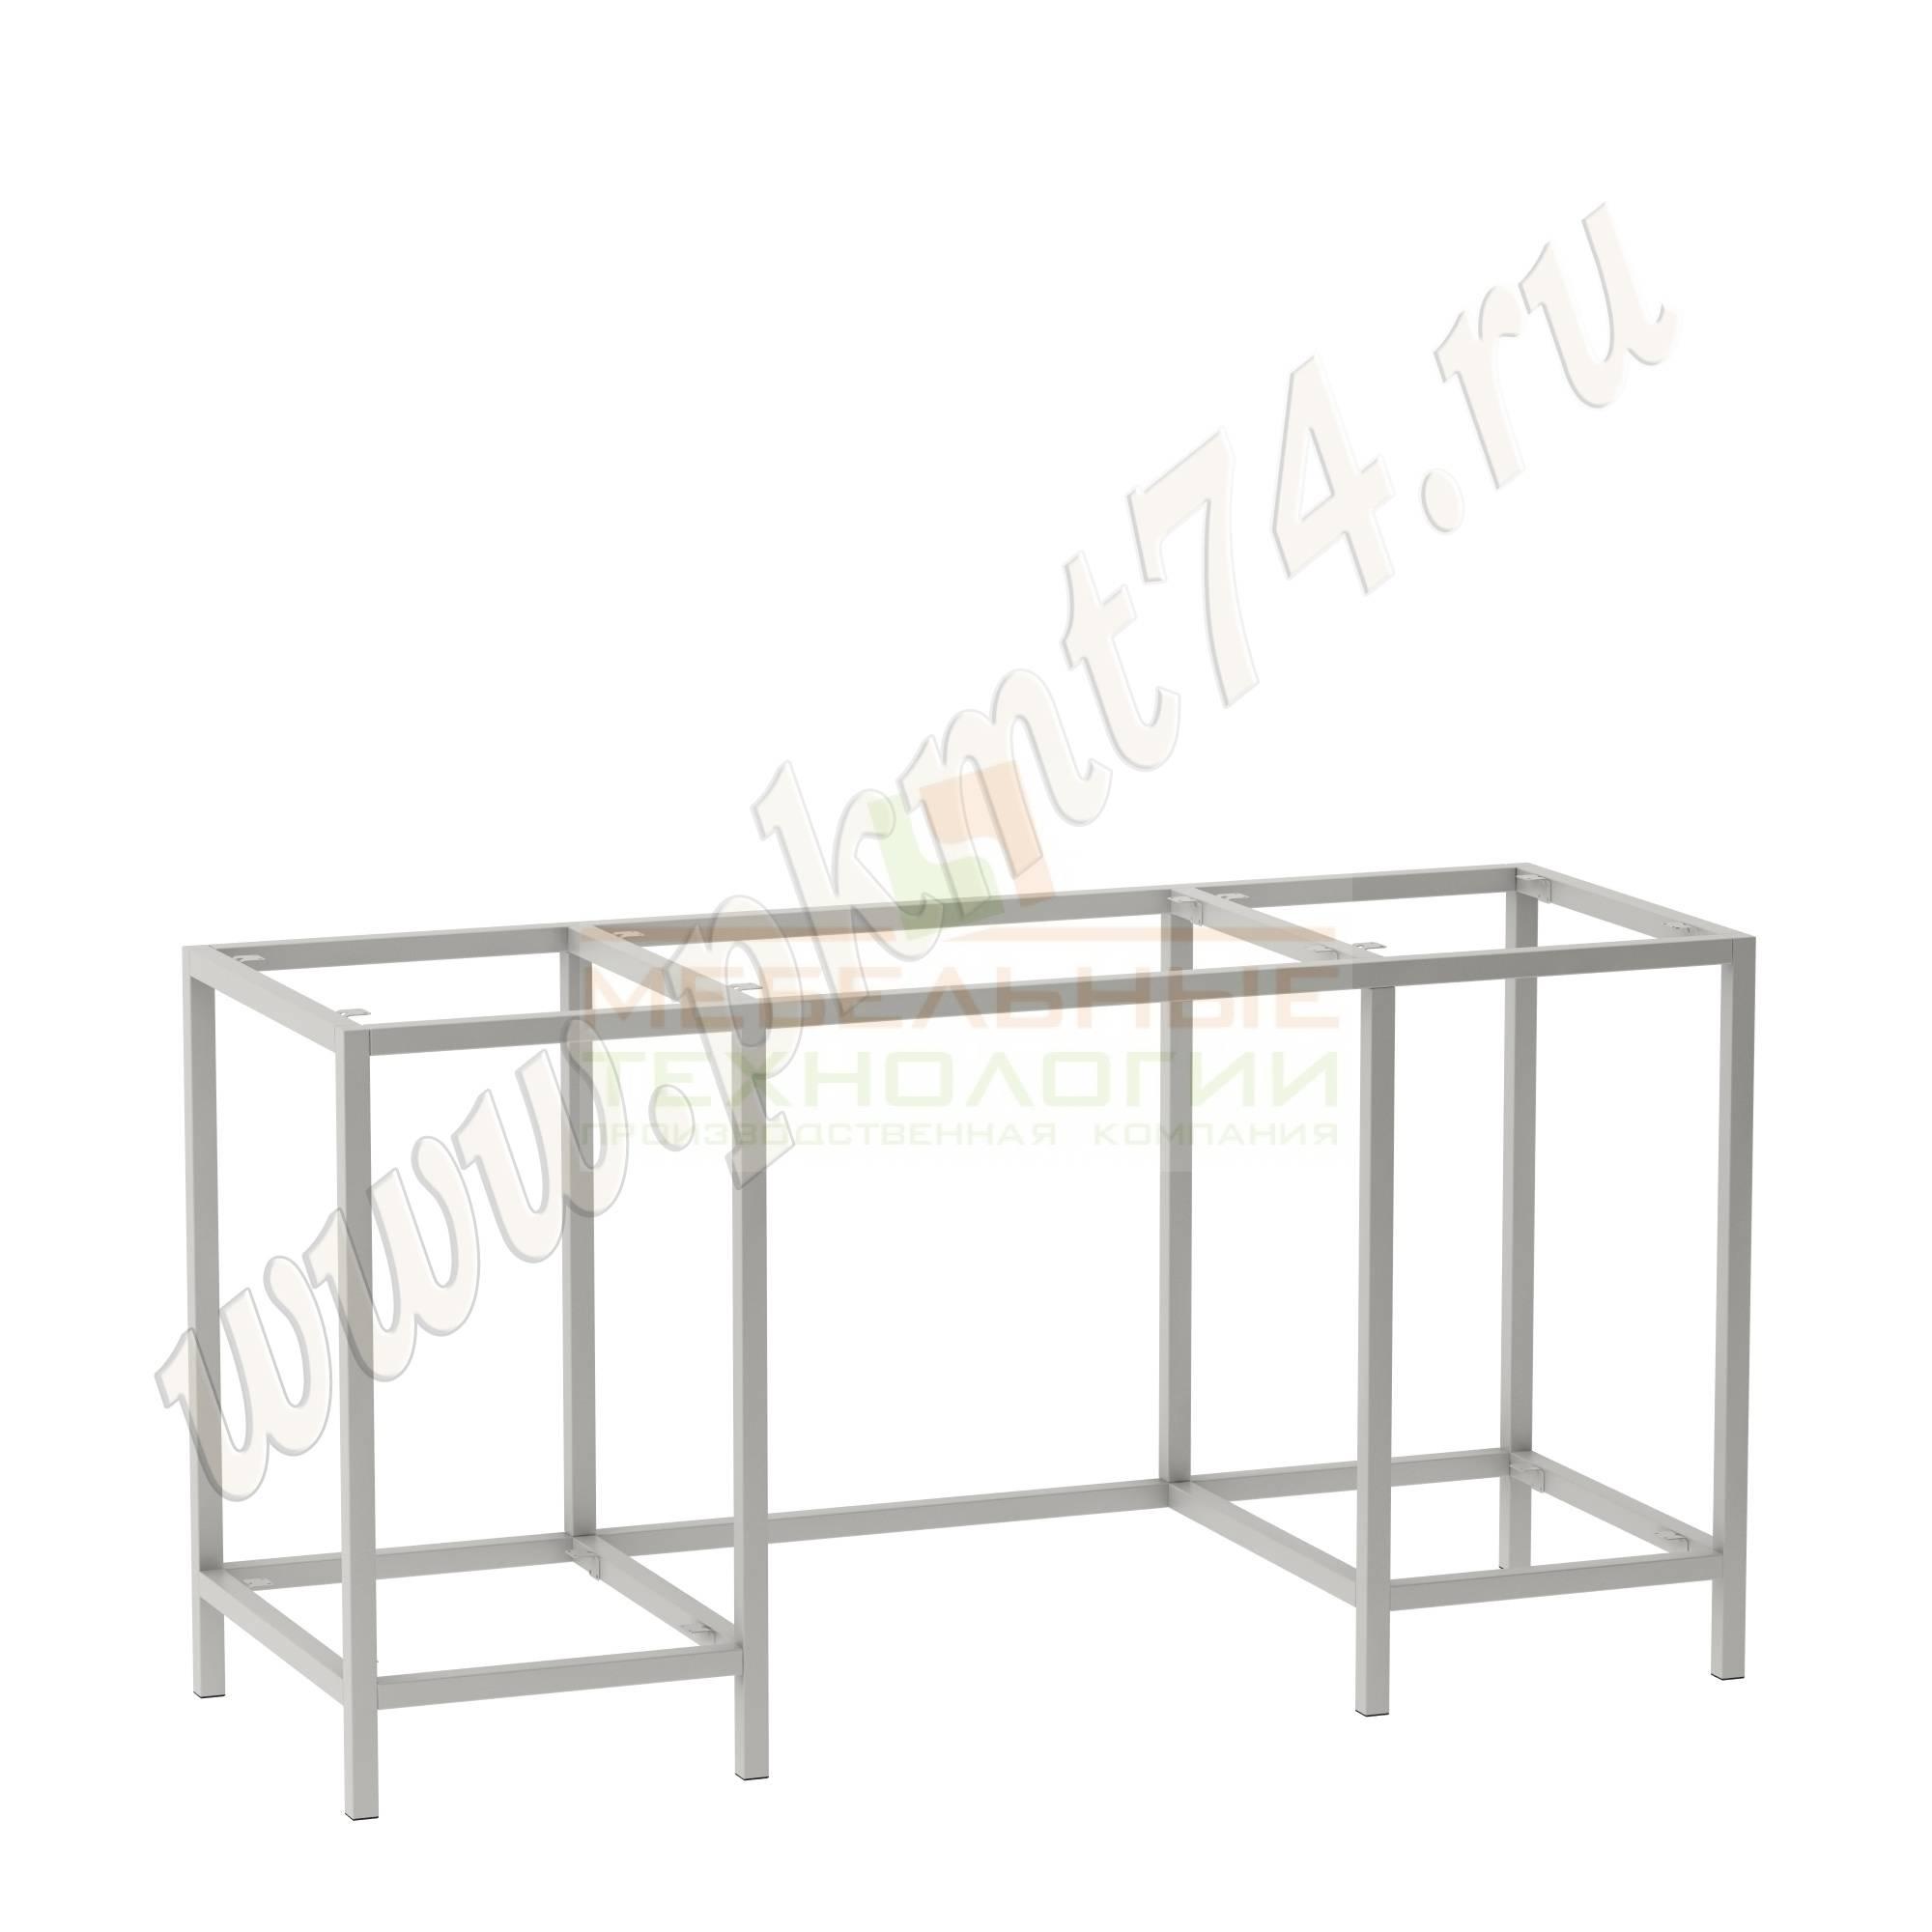 Каркасы для столов (прочие)